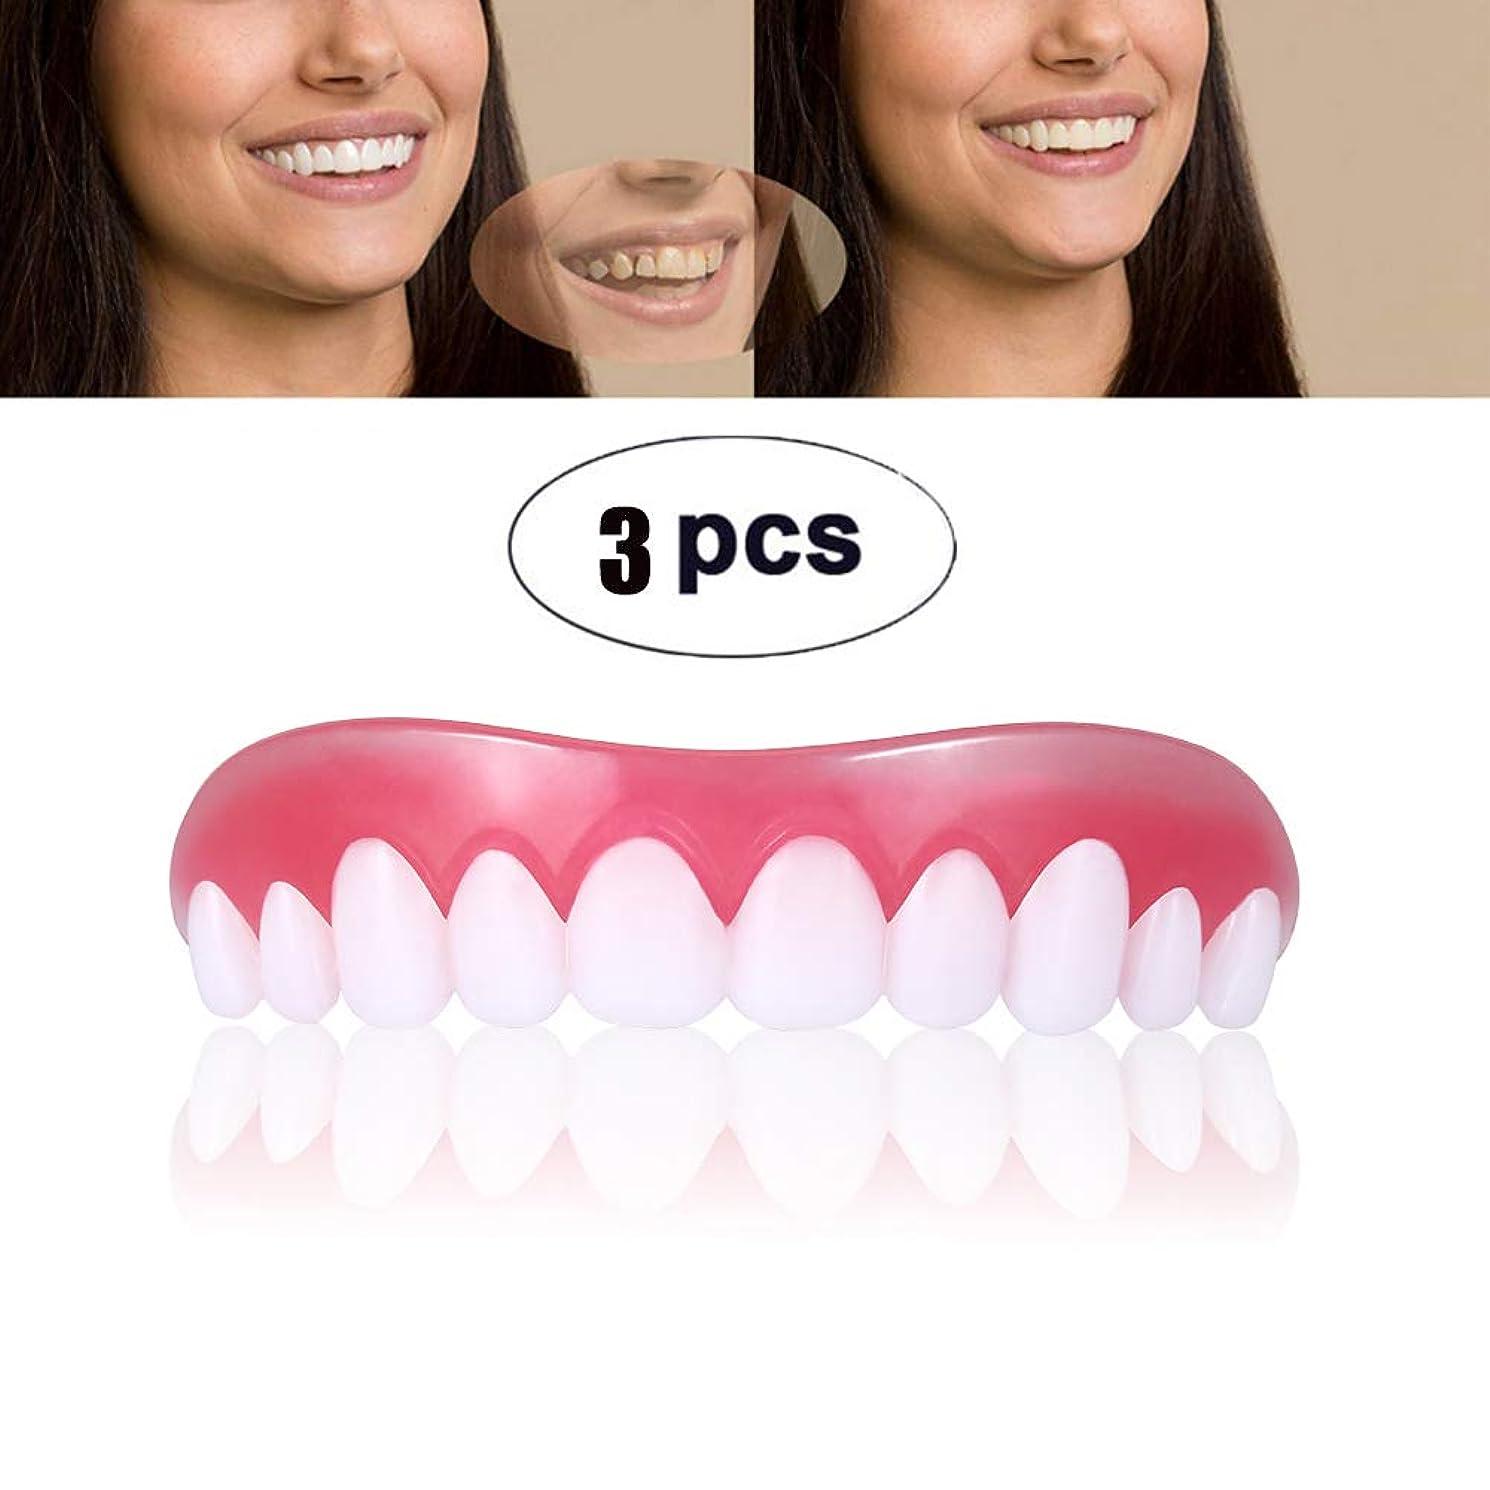 スプーン引退する不調和3ピースシリコーン歯ベニア歯快適フィットフレックス化粧歯義歯トップ化粧ベニアシミュレーションブレース